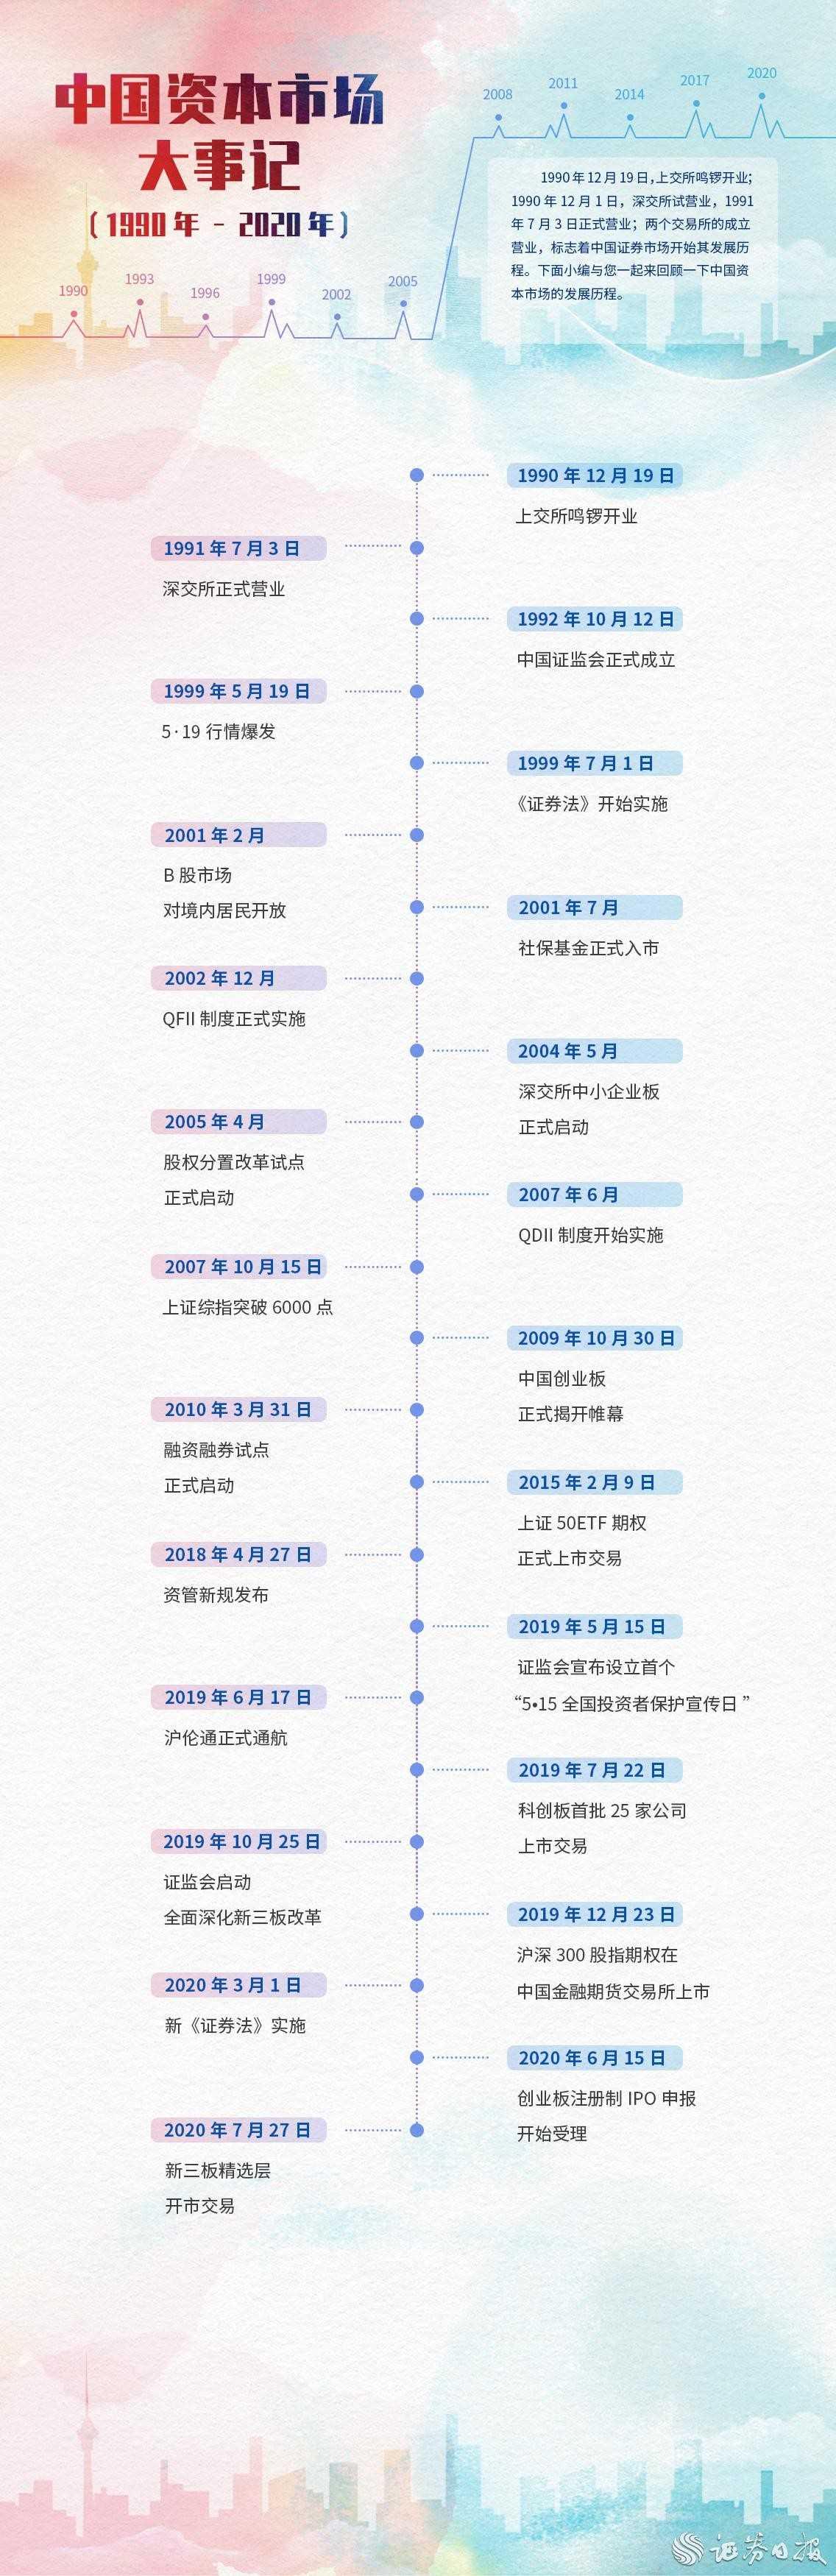 中国资本市场大事记(1990-2020)